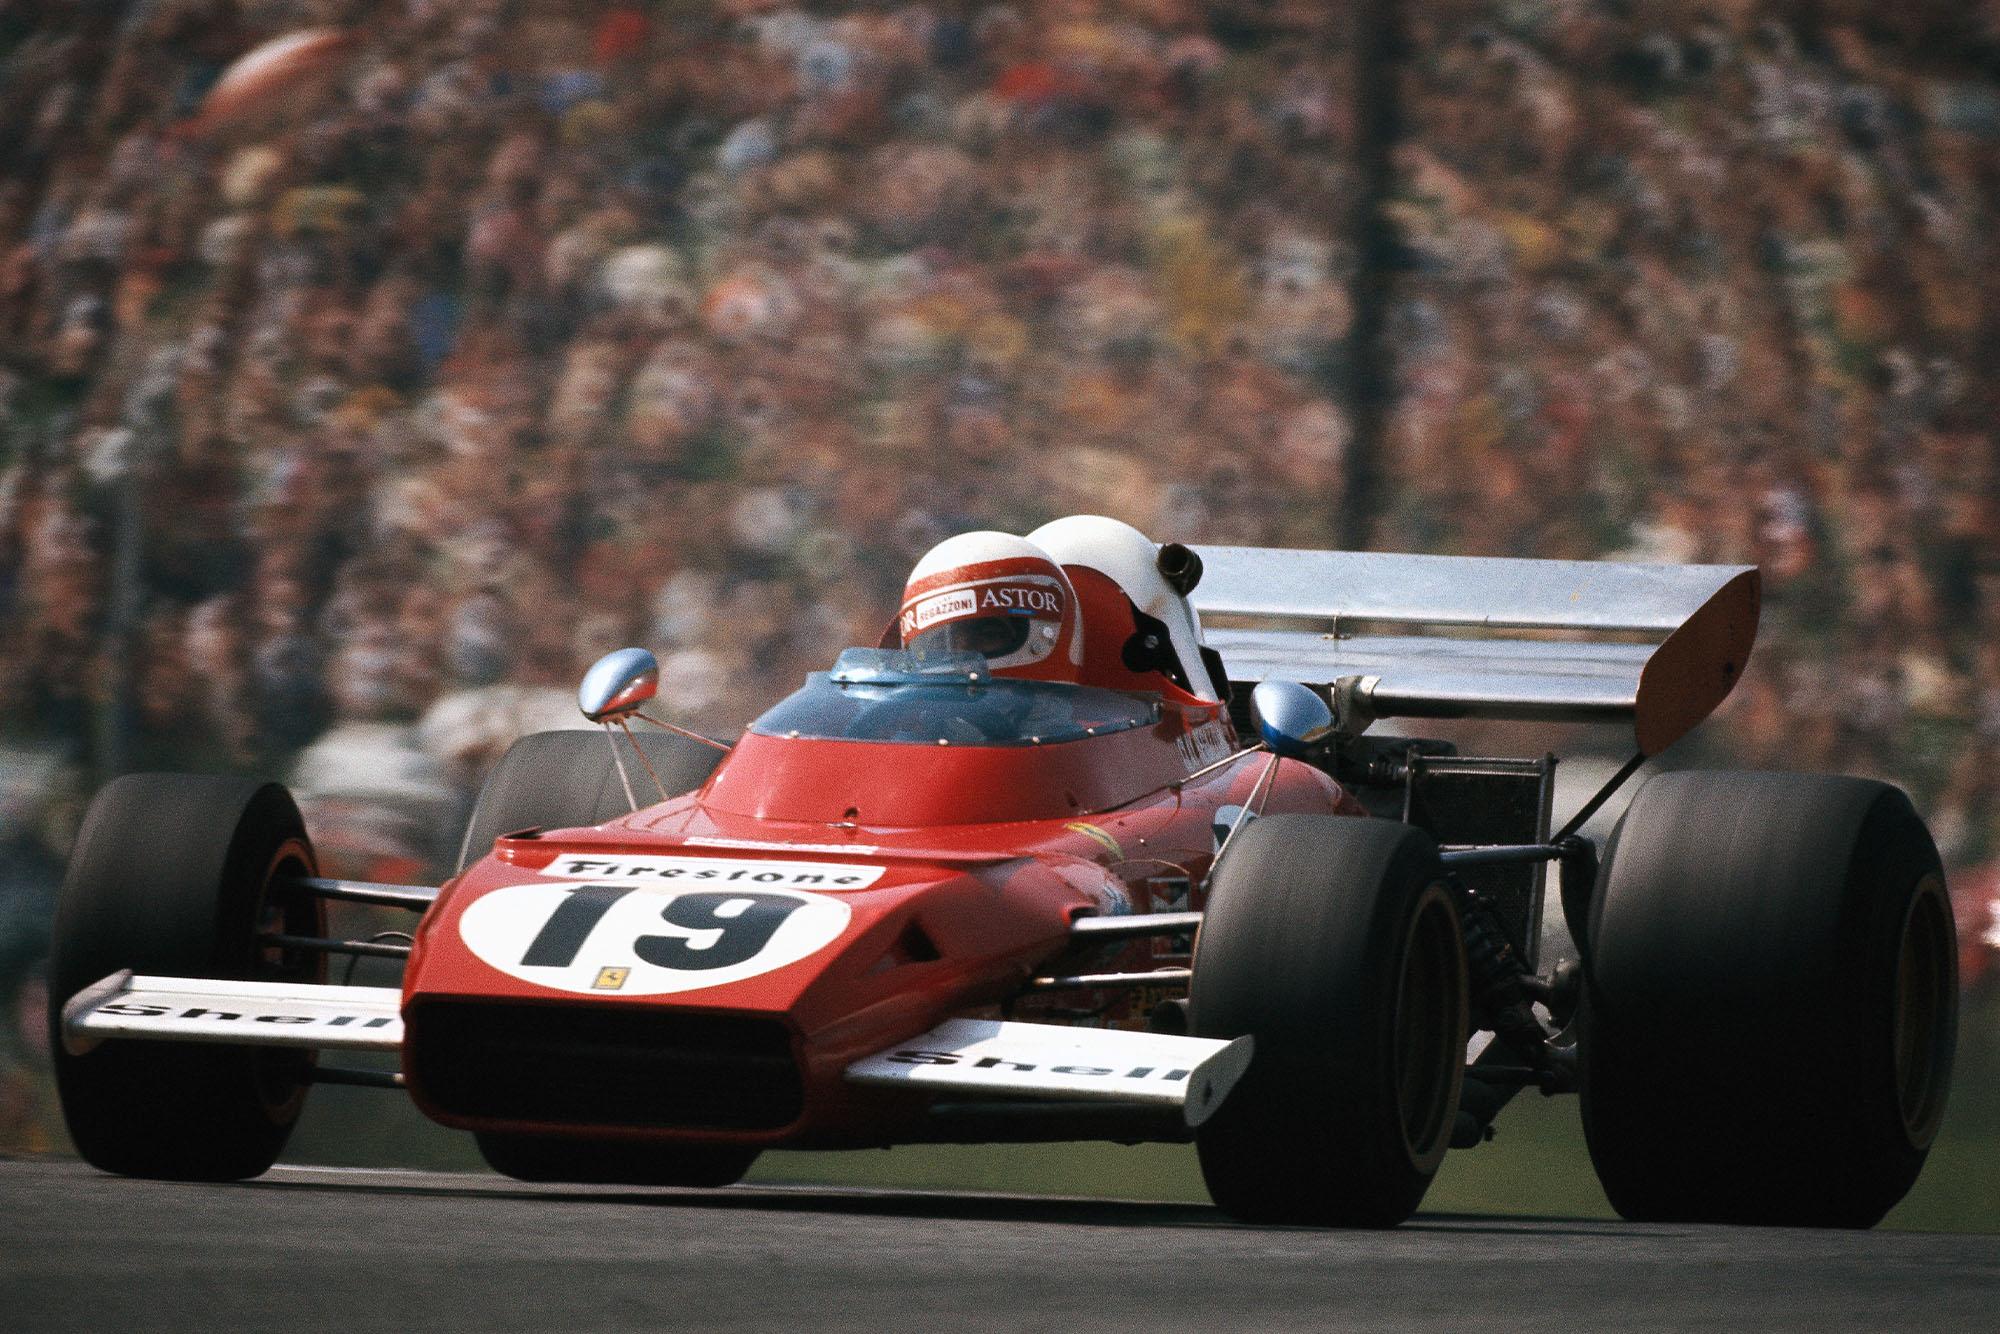 Clay Regazzoni driving for Ferrari at the 1972 Austrian Grand Prix.